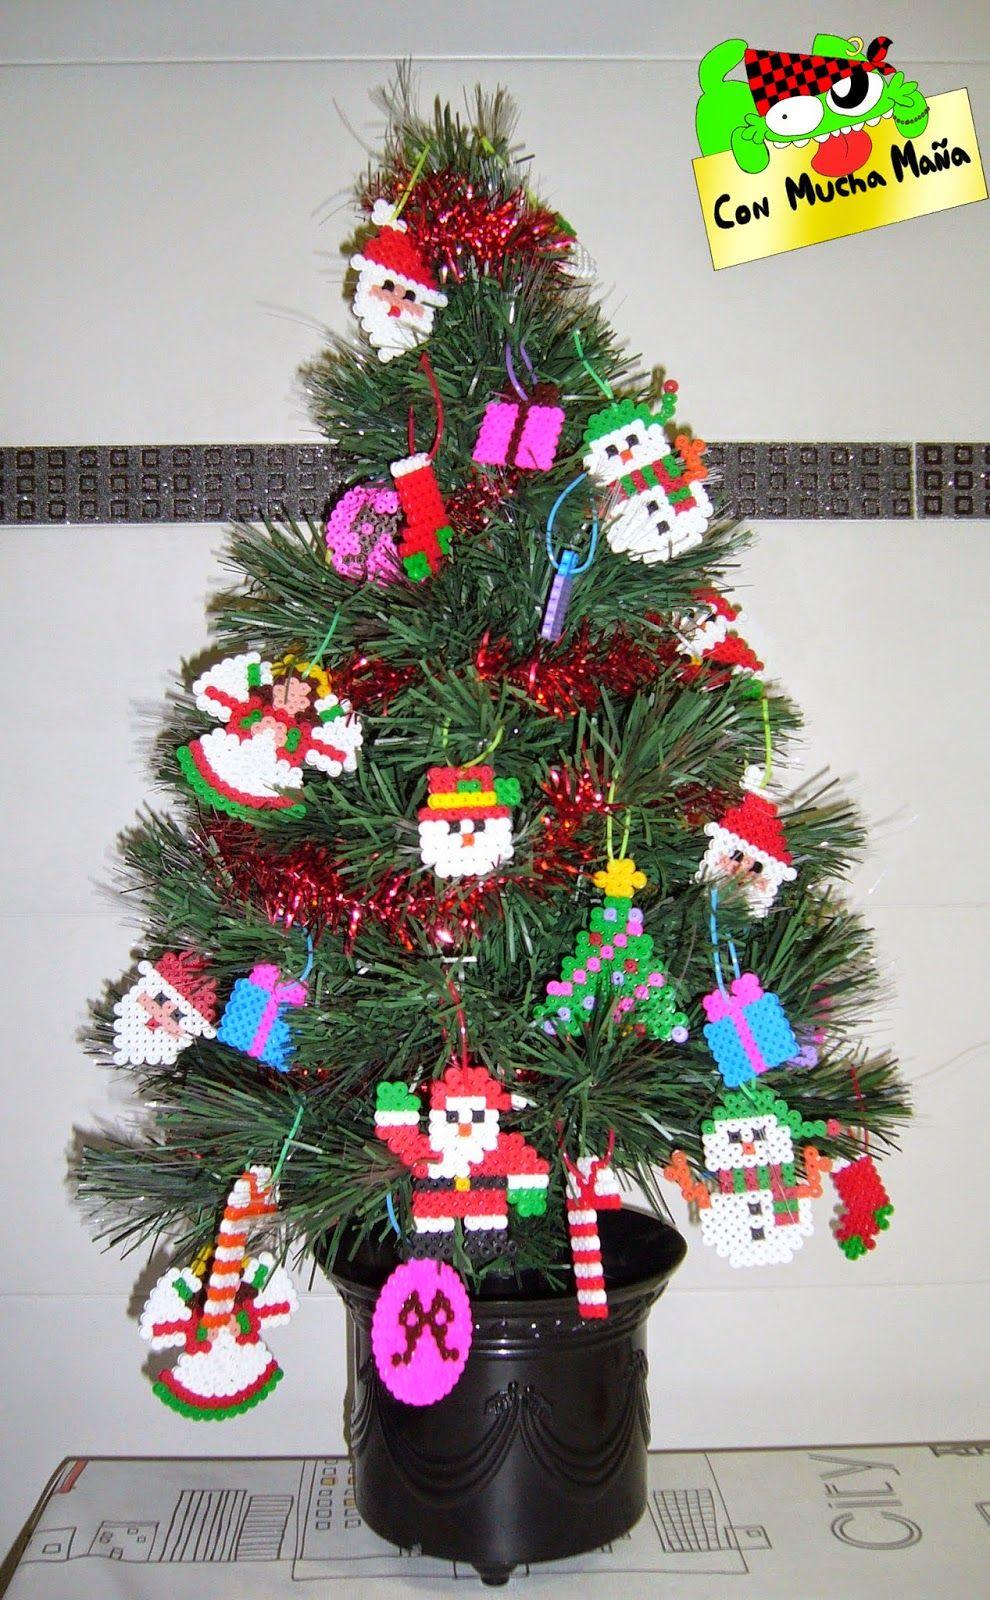 Arbol de navidad decorado con hama beads con mucha ma a - Arbol de navidad decorado ...